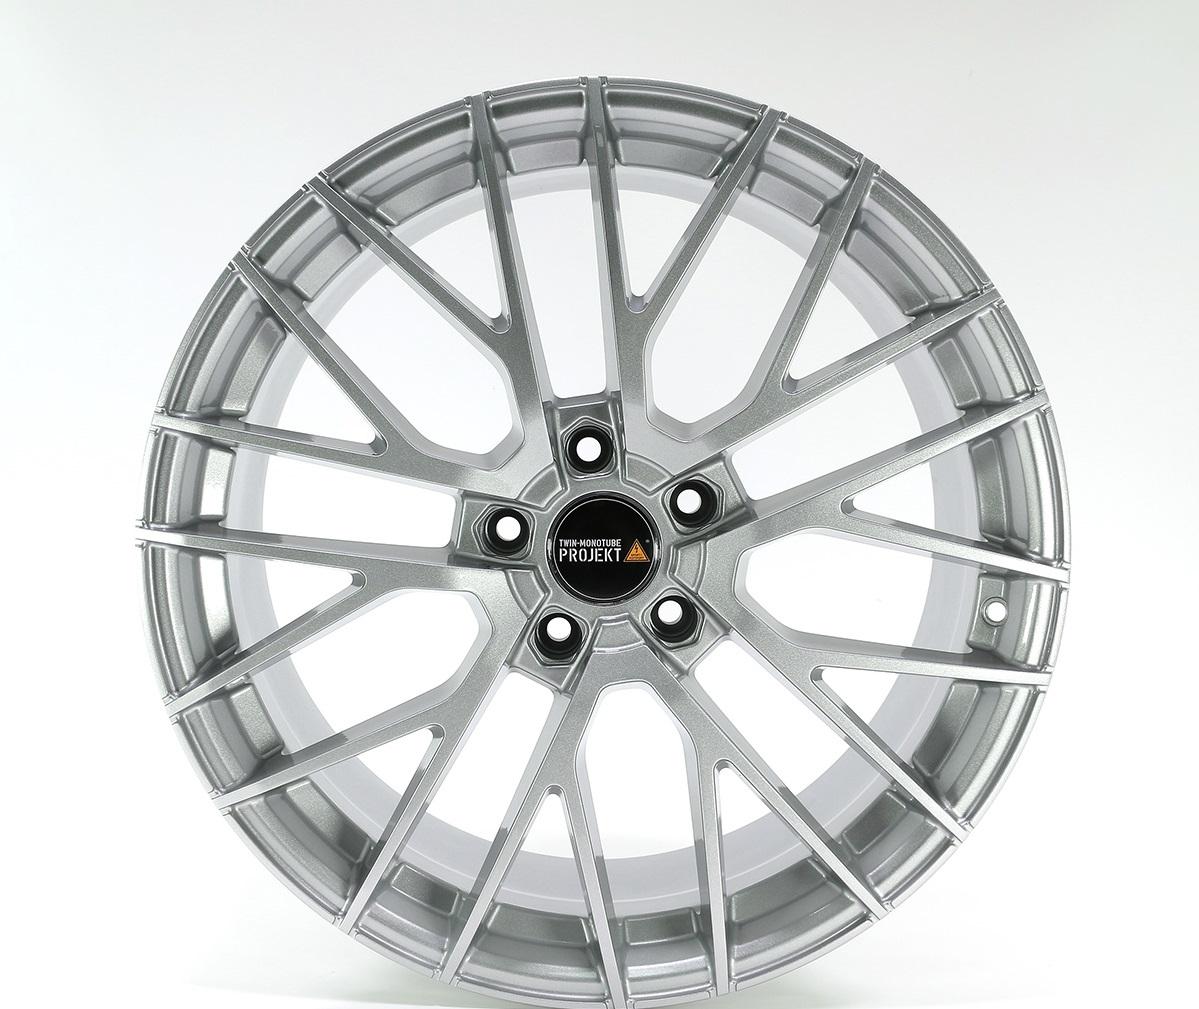 1x Felge 20.2 9x20 ET39 für VW T5 T6 T6.1 deep concave magnesium Twin Monotube